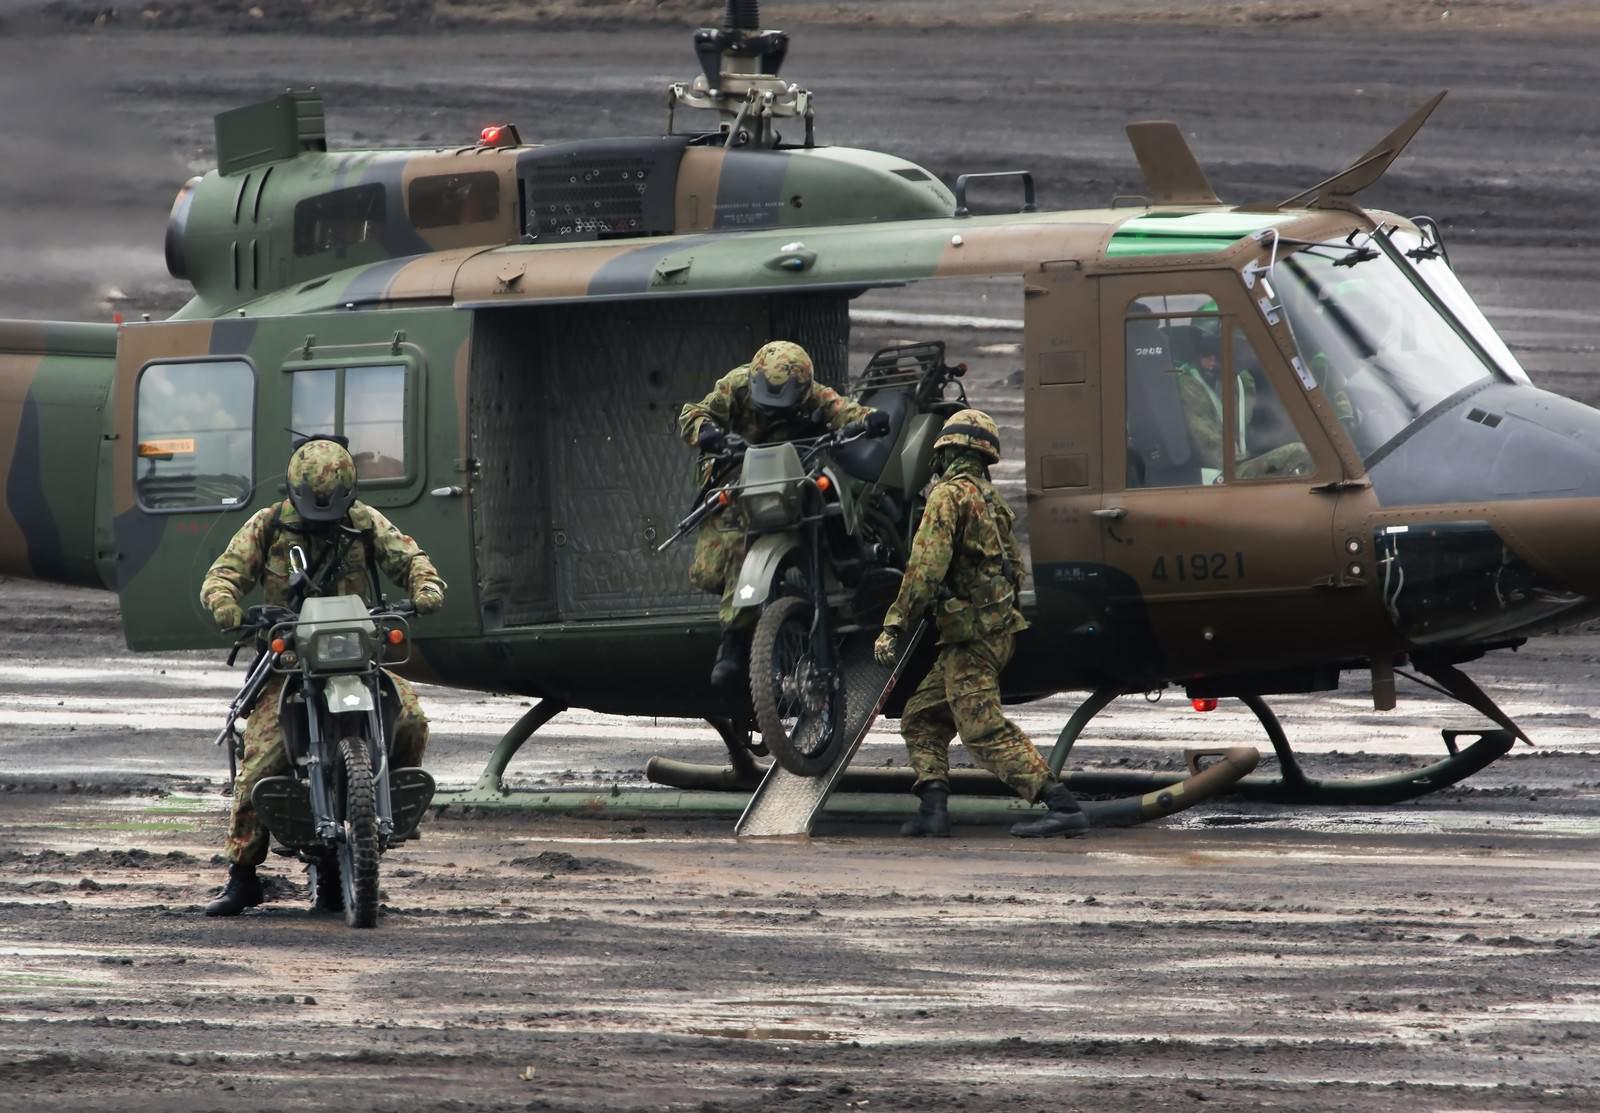 「偵察用オートバイ出撃」の写真